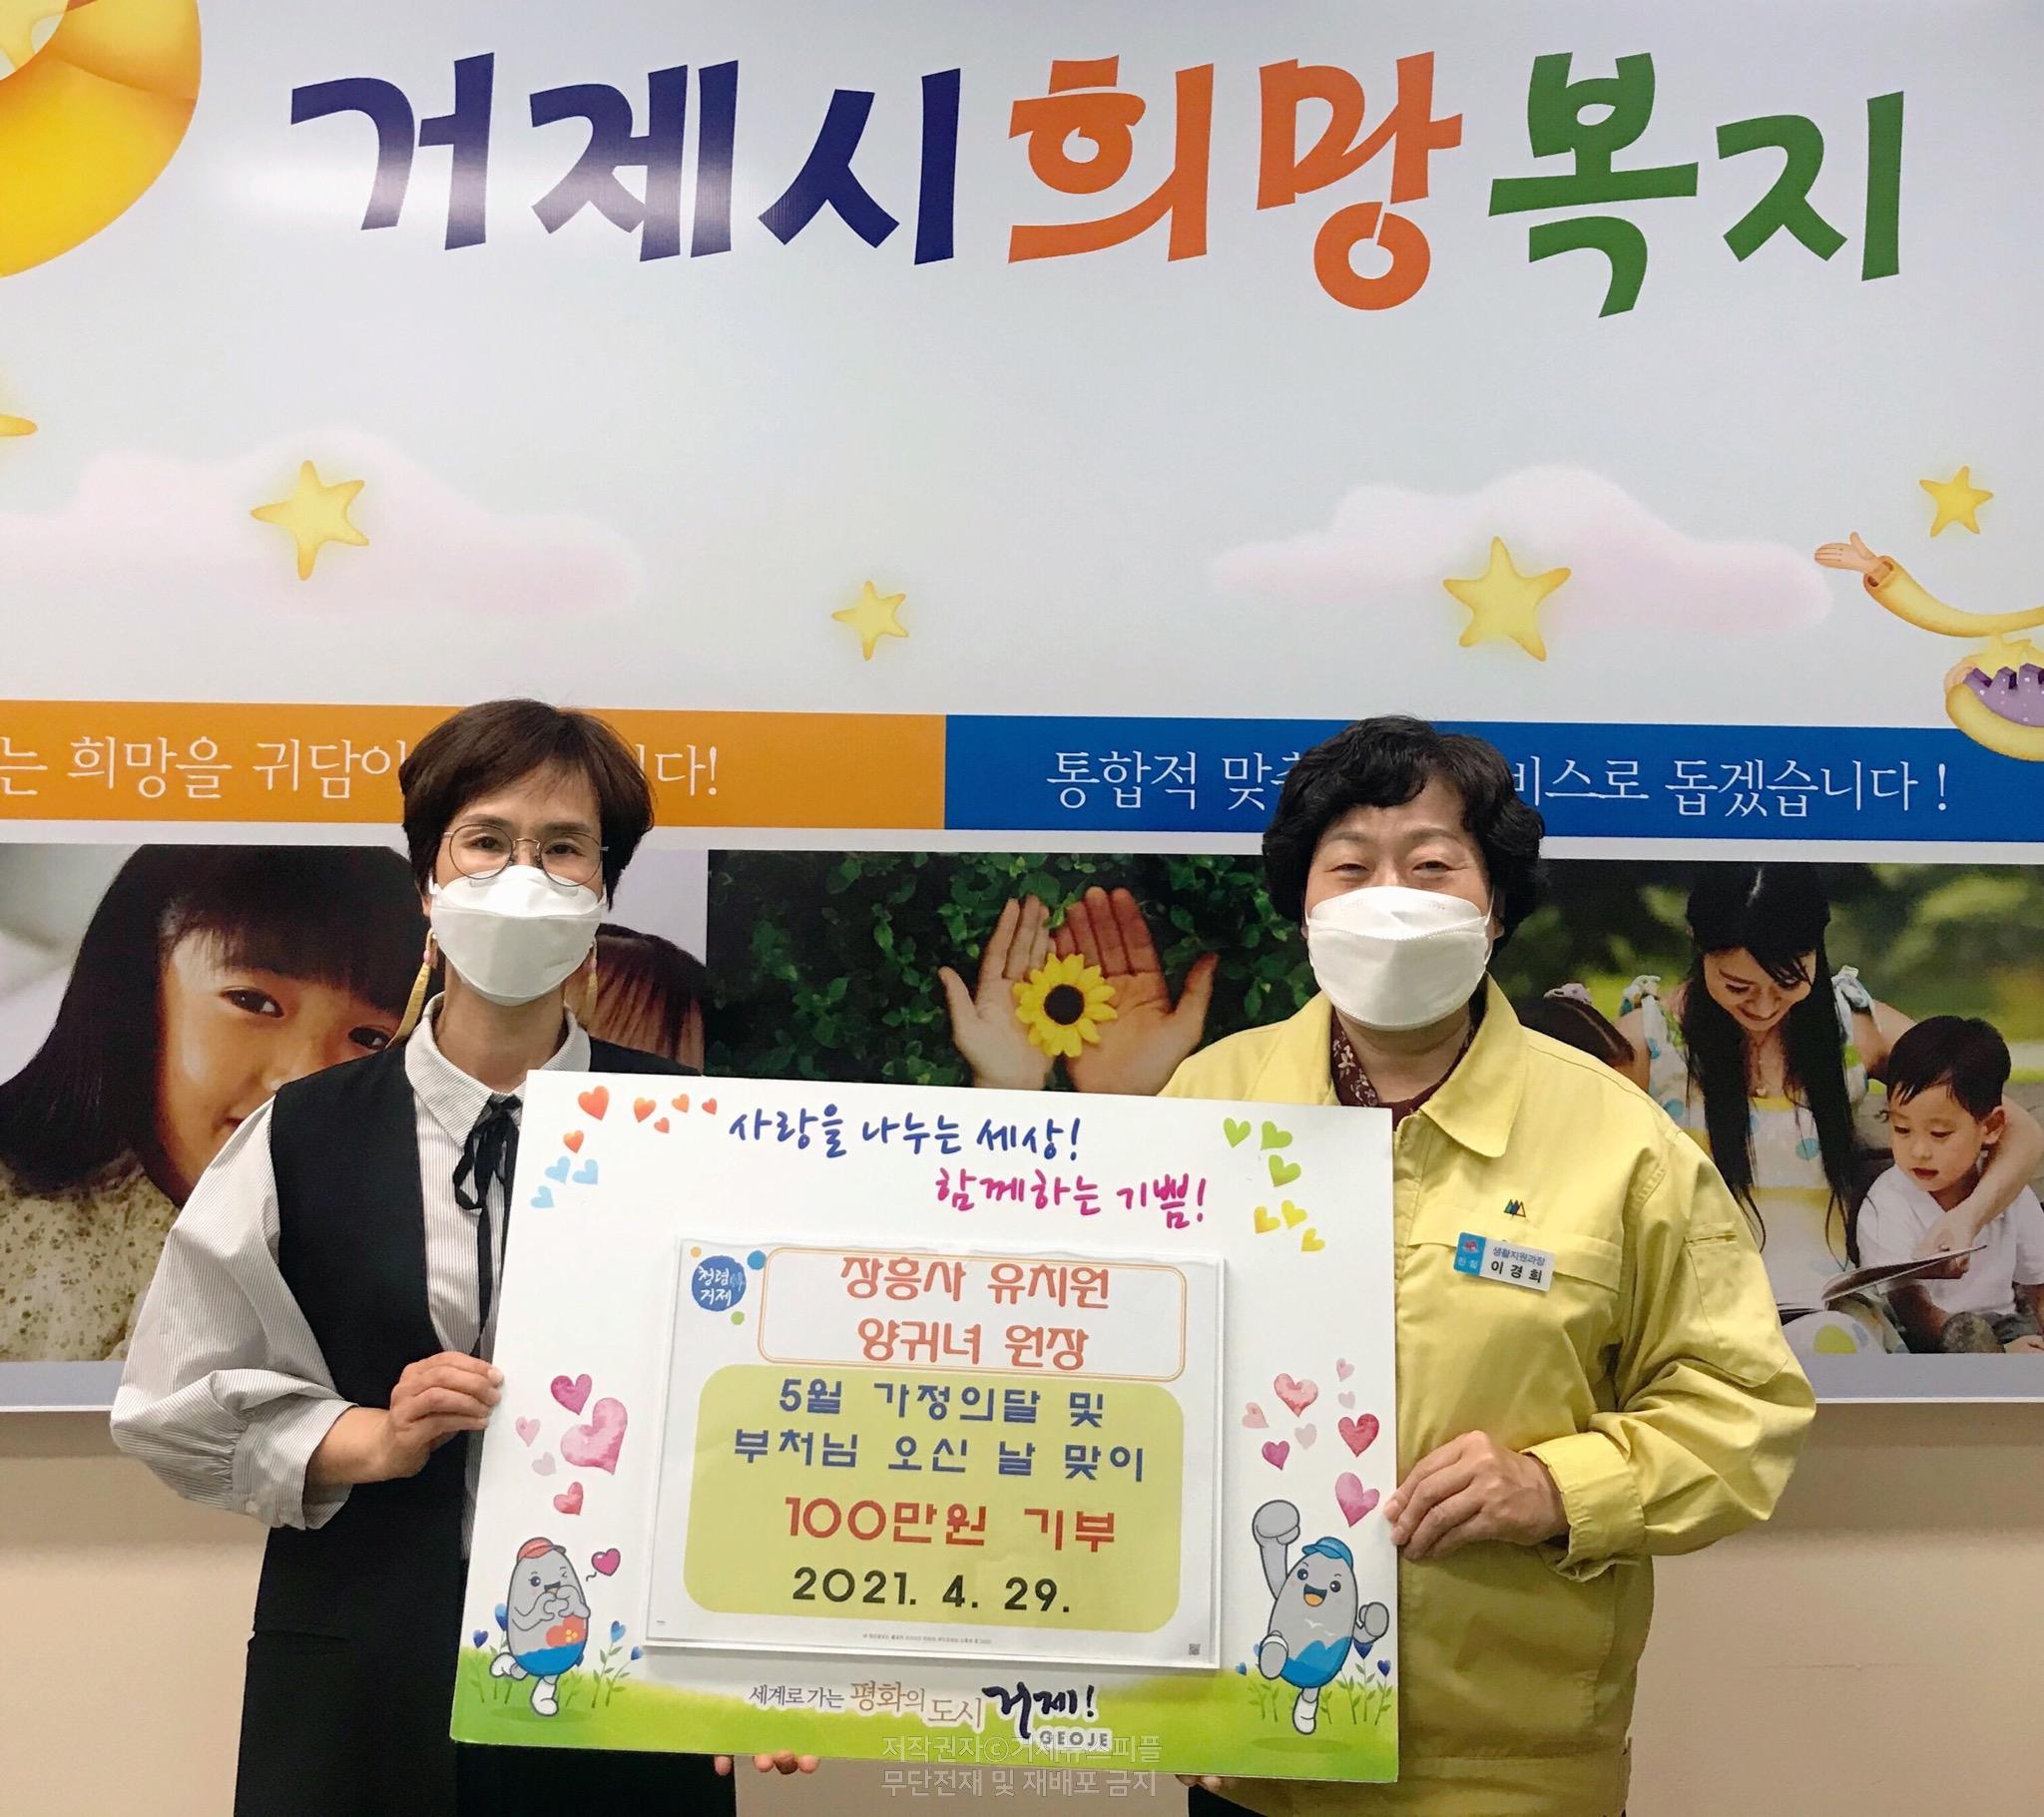 장흥사 유치원 양귀녀 원장, '부처님 오신 날'맞아 성금 100만원 기부